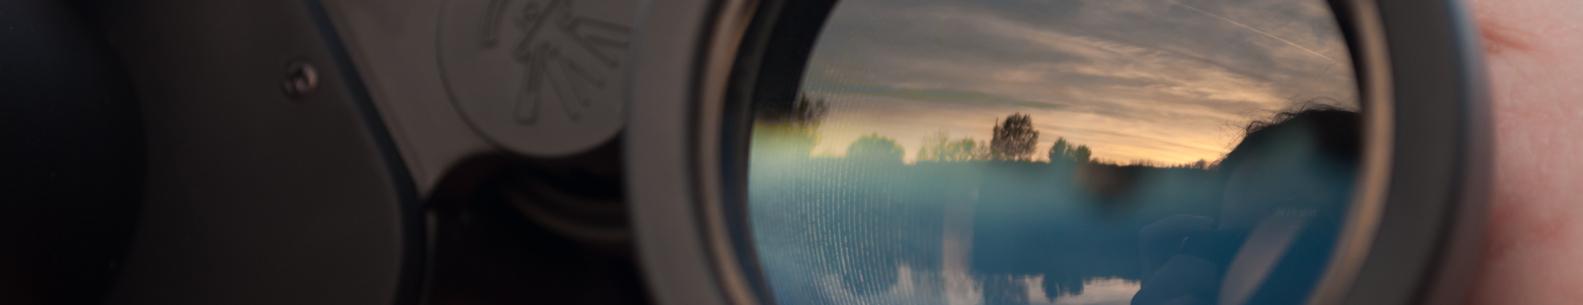 Žiūronai ir monokuliarai  Aukštos kokybės naktinio matymo žiūronai ir monokuliarai